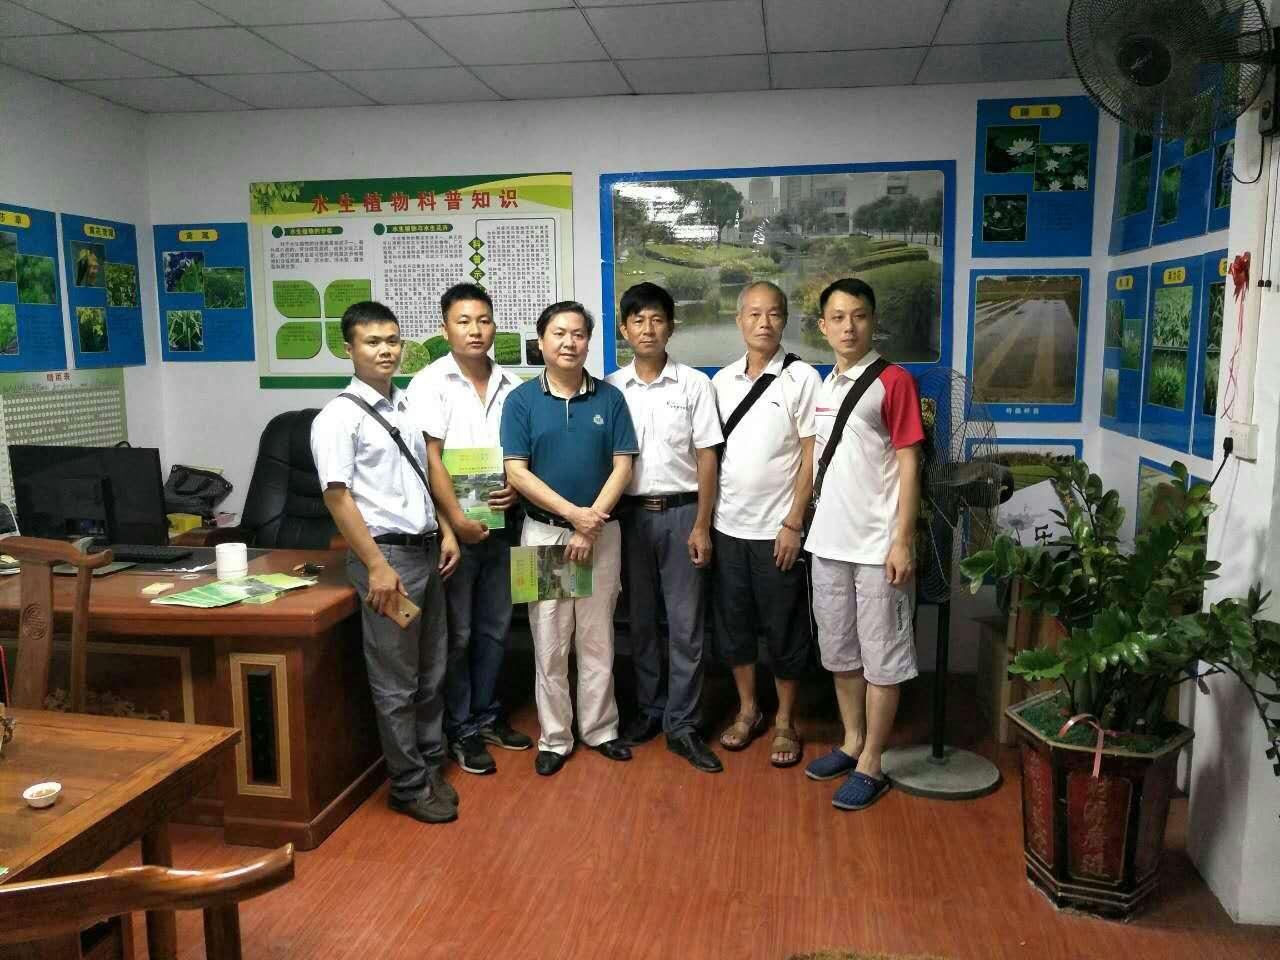 梧州市群锋水生植物有限公司